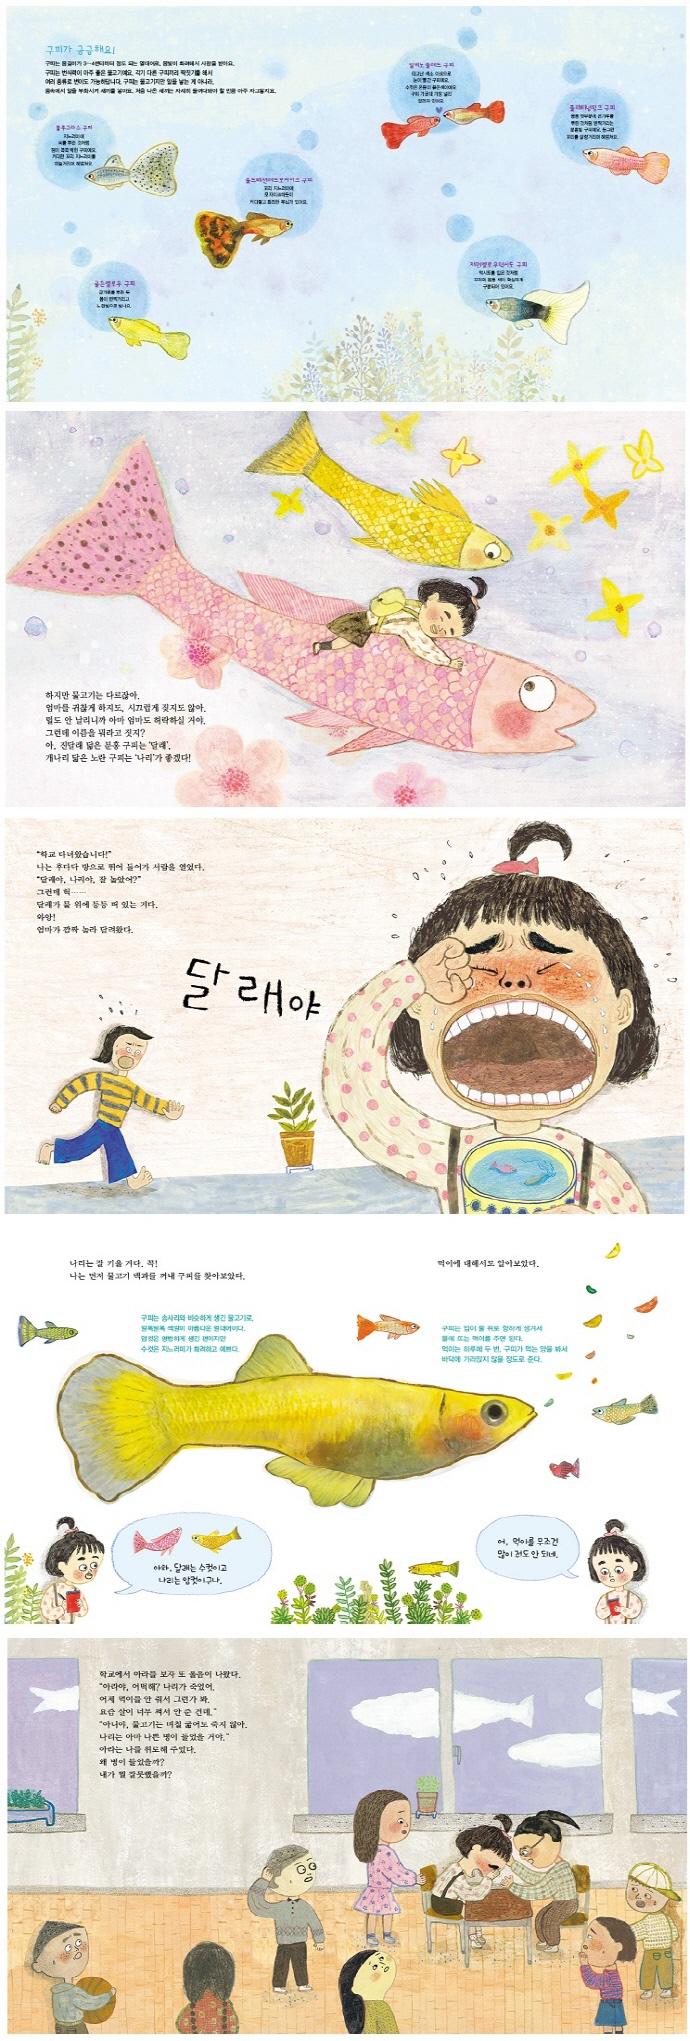 나의 첫 반려동물 비밀 물고기(바람 그림책문고 5)(양장본 HardCover) 도서 상세이미지